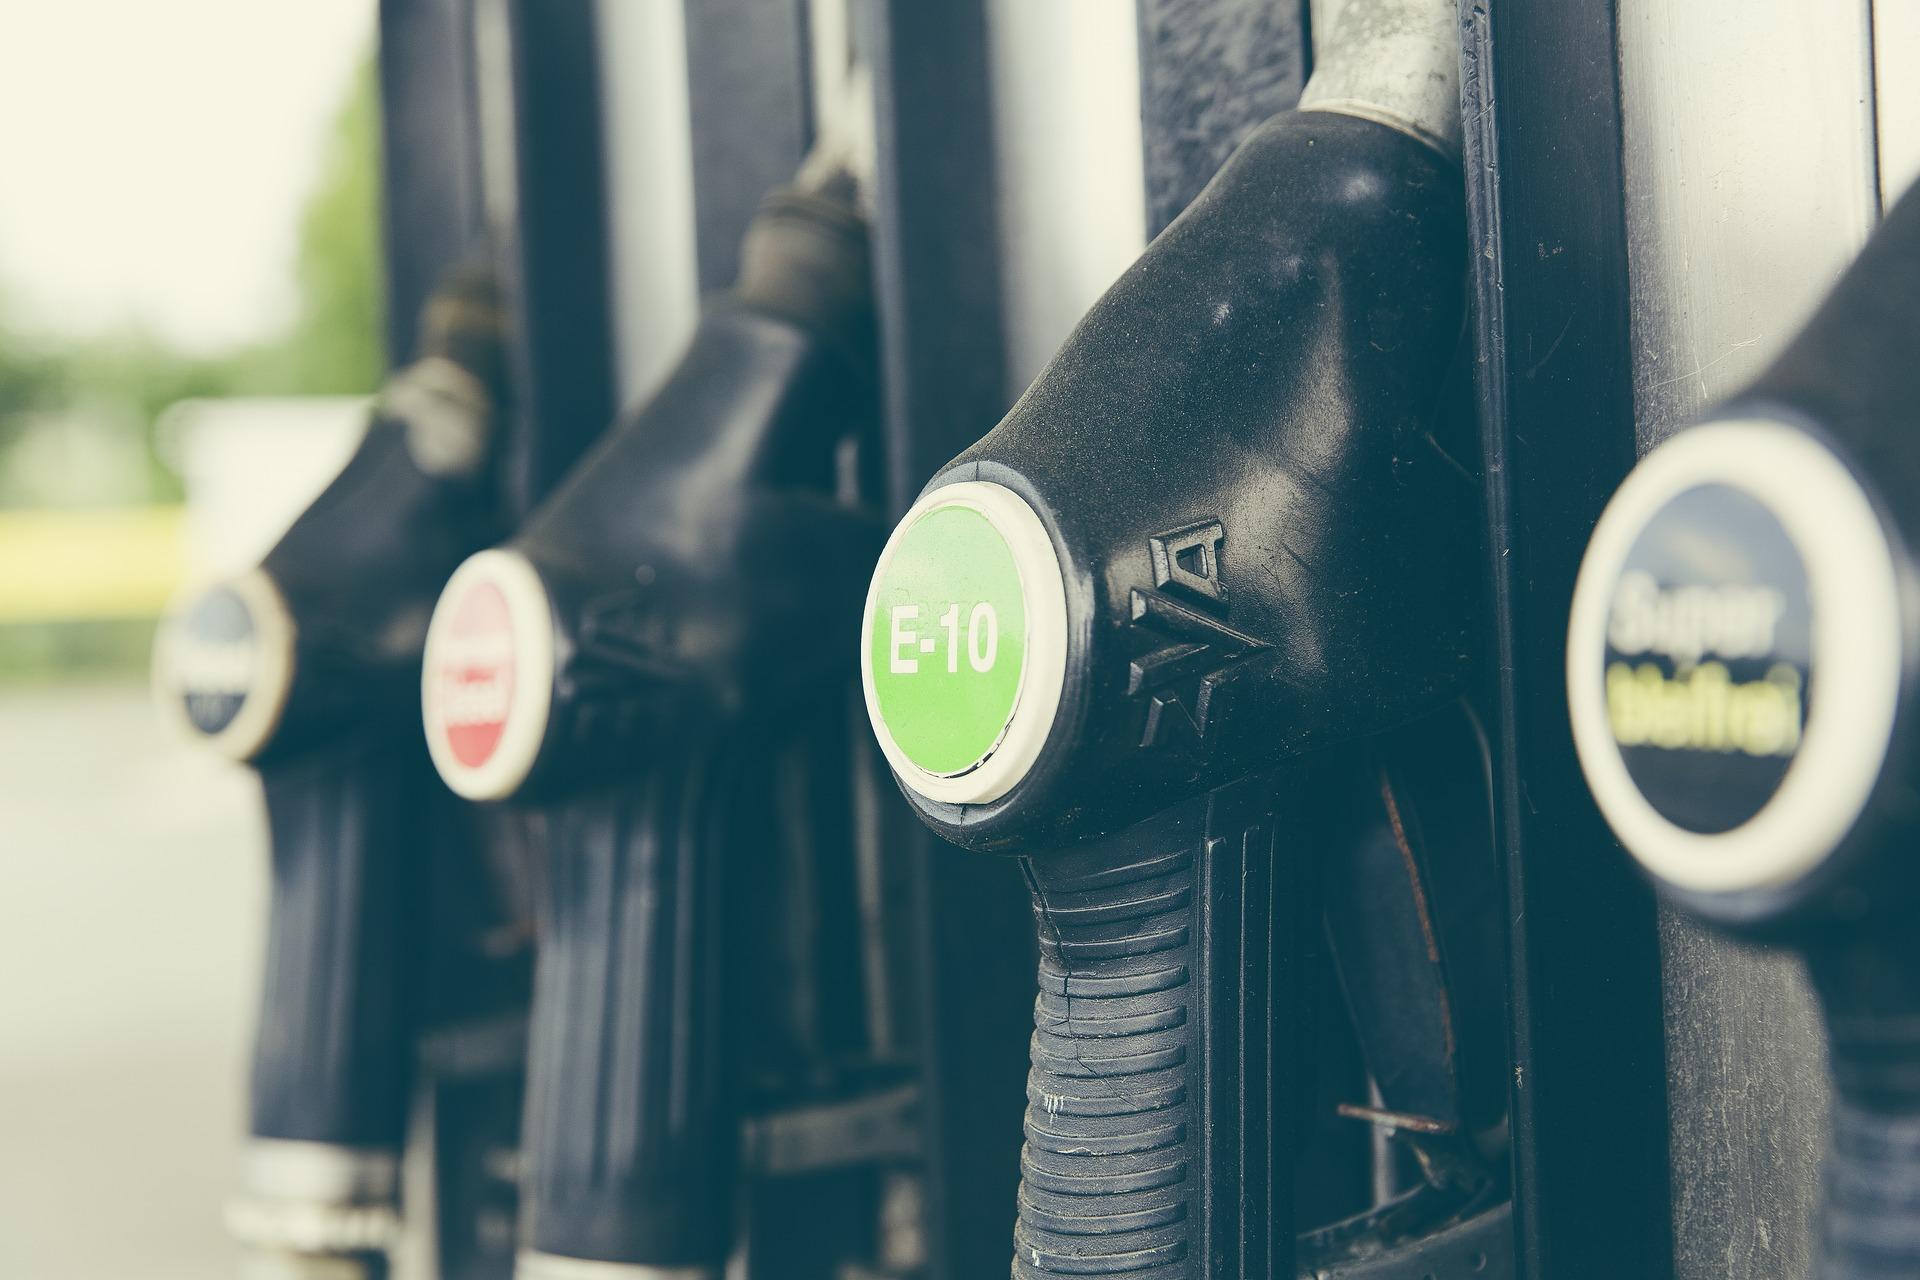 prezzo benzina accise